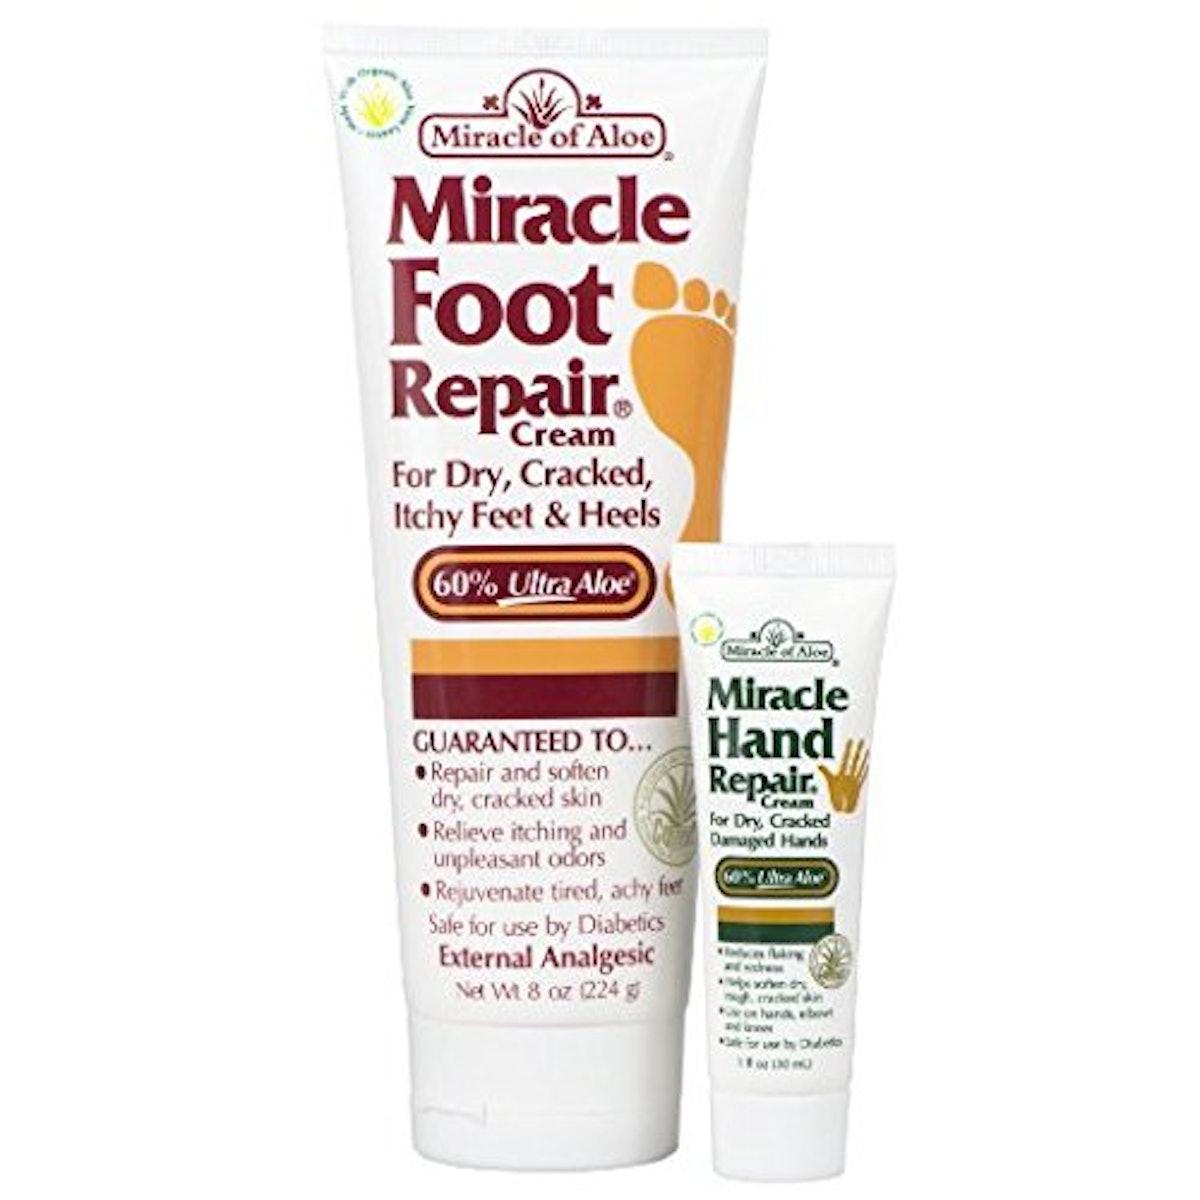 Miracle Foot Repair Cream Plus Miracle Hand Repair Cream